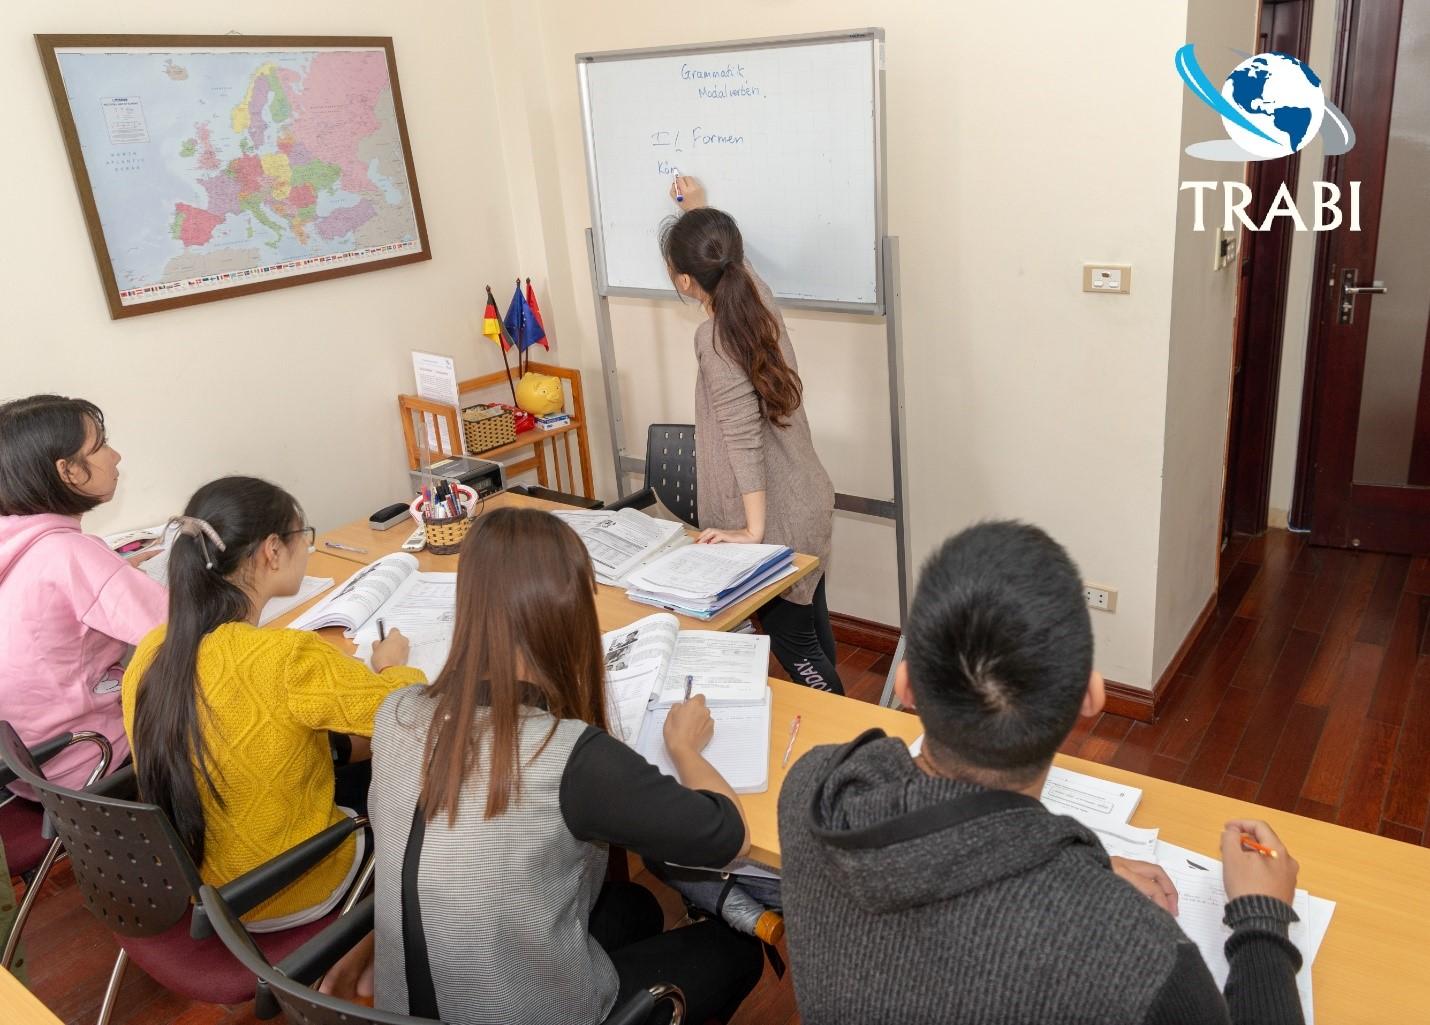 Trung tâm đào tạo ngoại ngữ Trabi